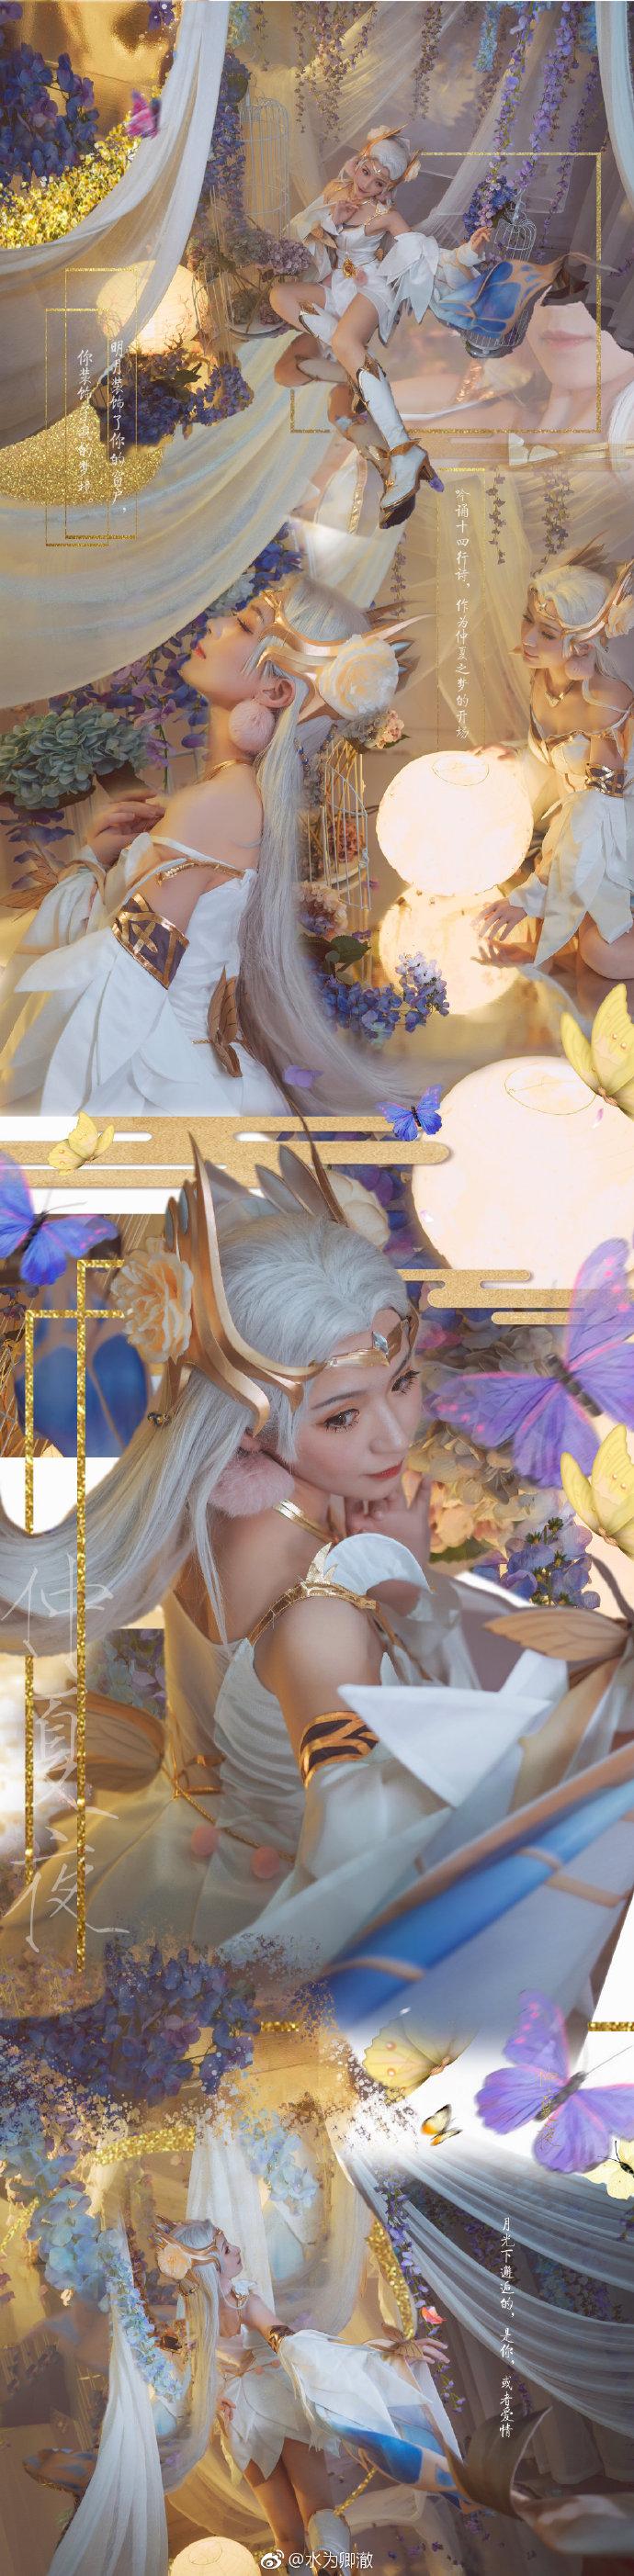 【cos正片】《王者荣耀》貂蝉金色仲夏夜之梦 cosplay-第8张